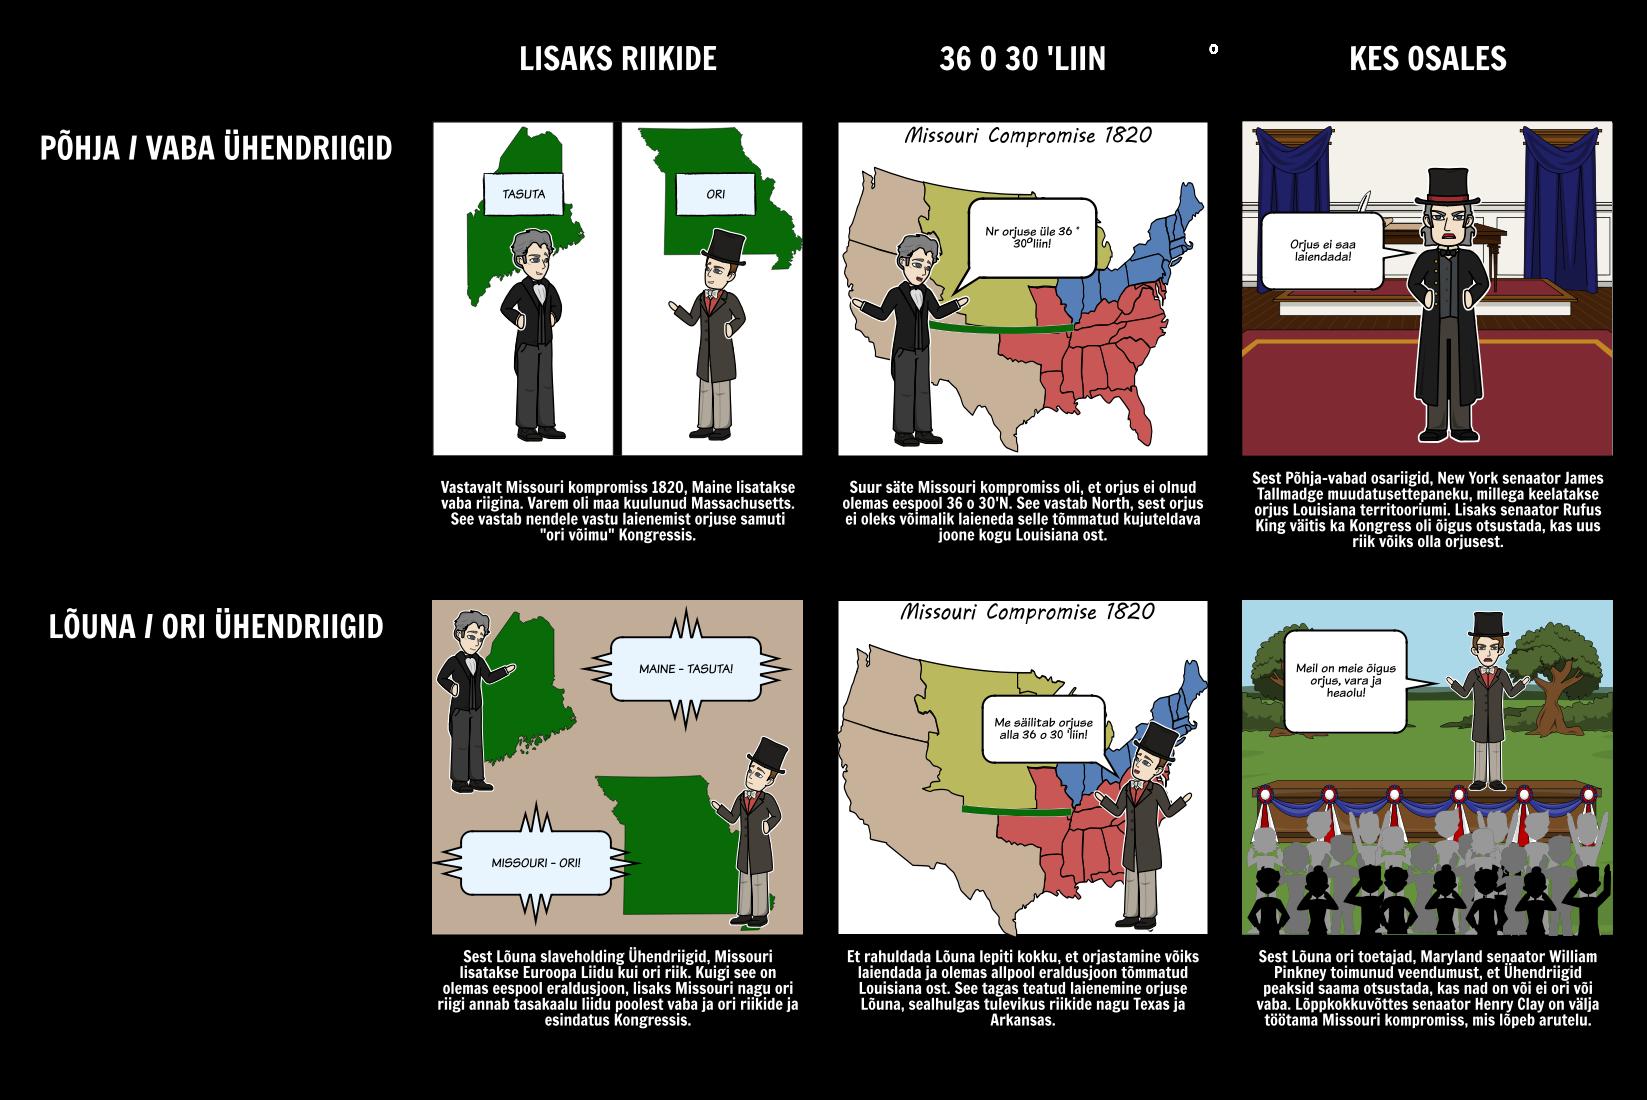 Missouri kompromiss 1820 - Kes sai, mis